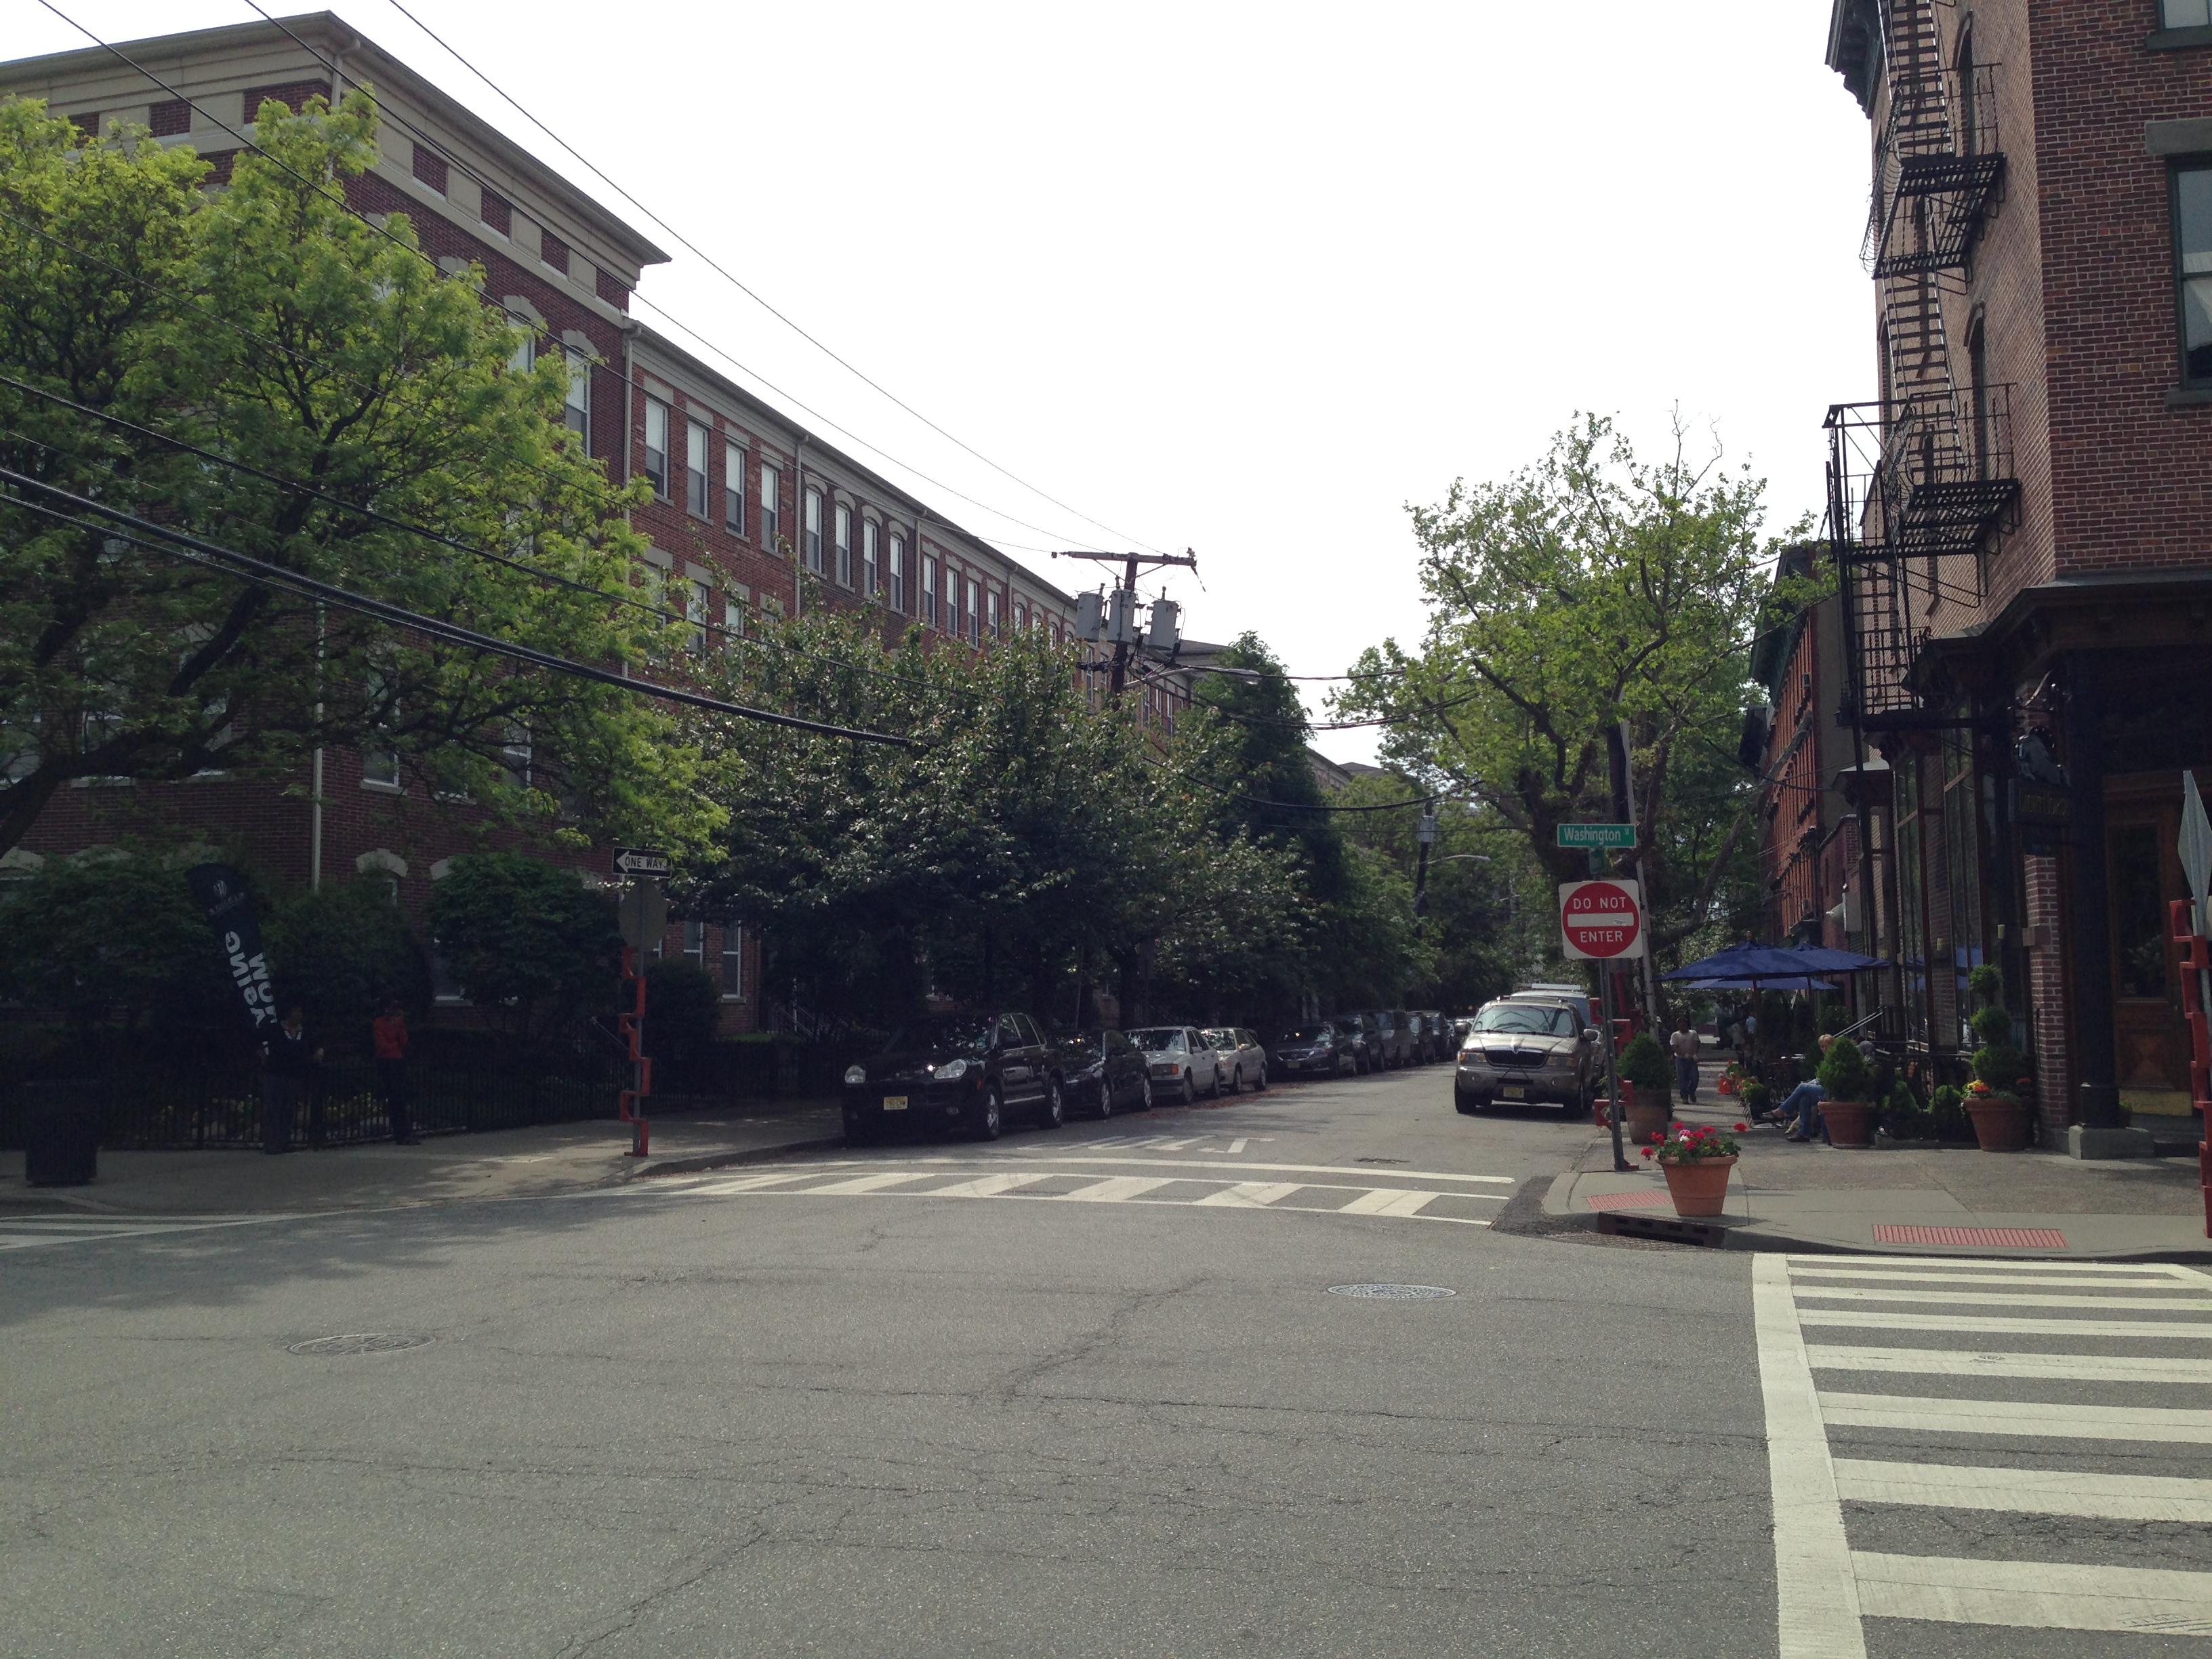 Morris Street in Jersey City